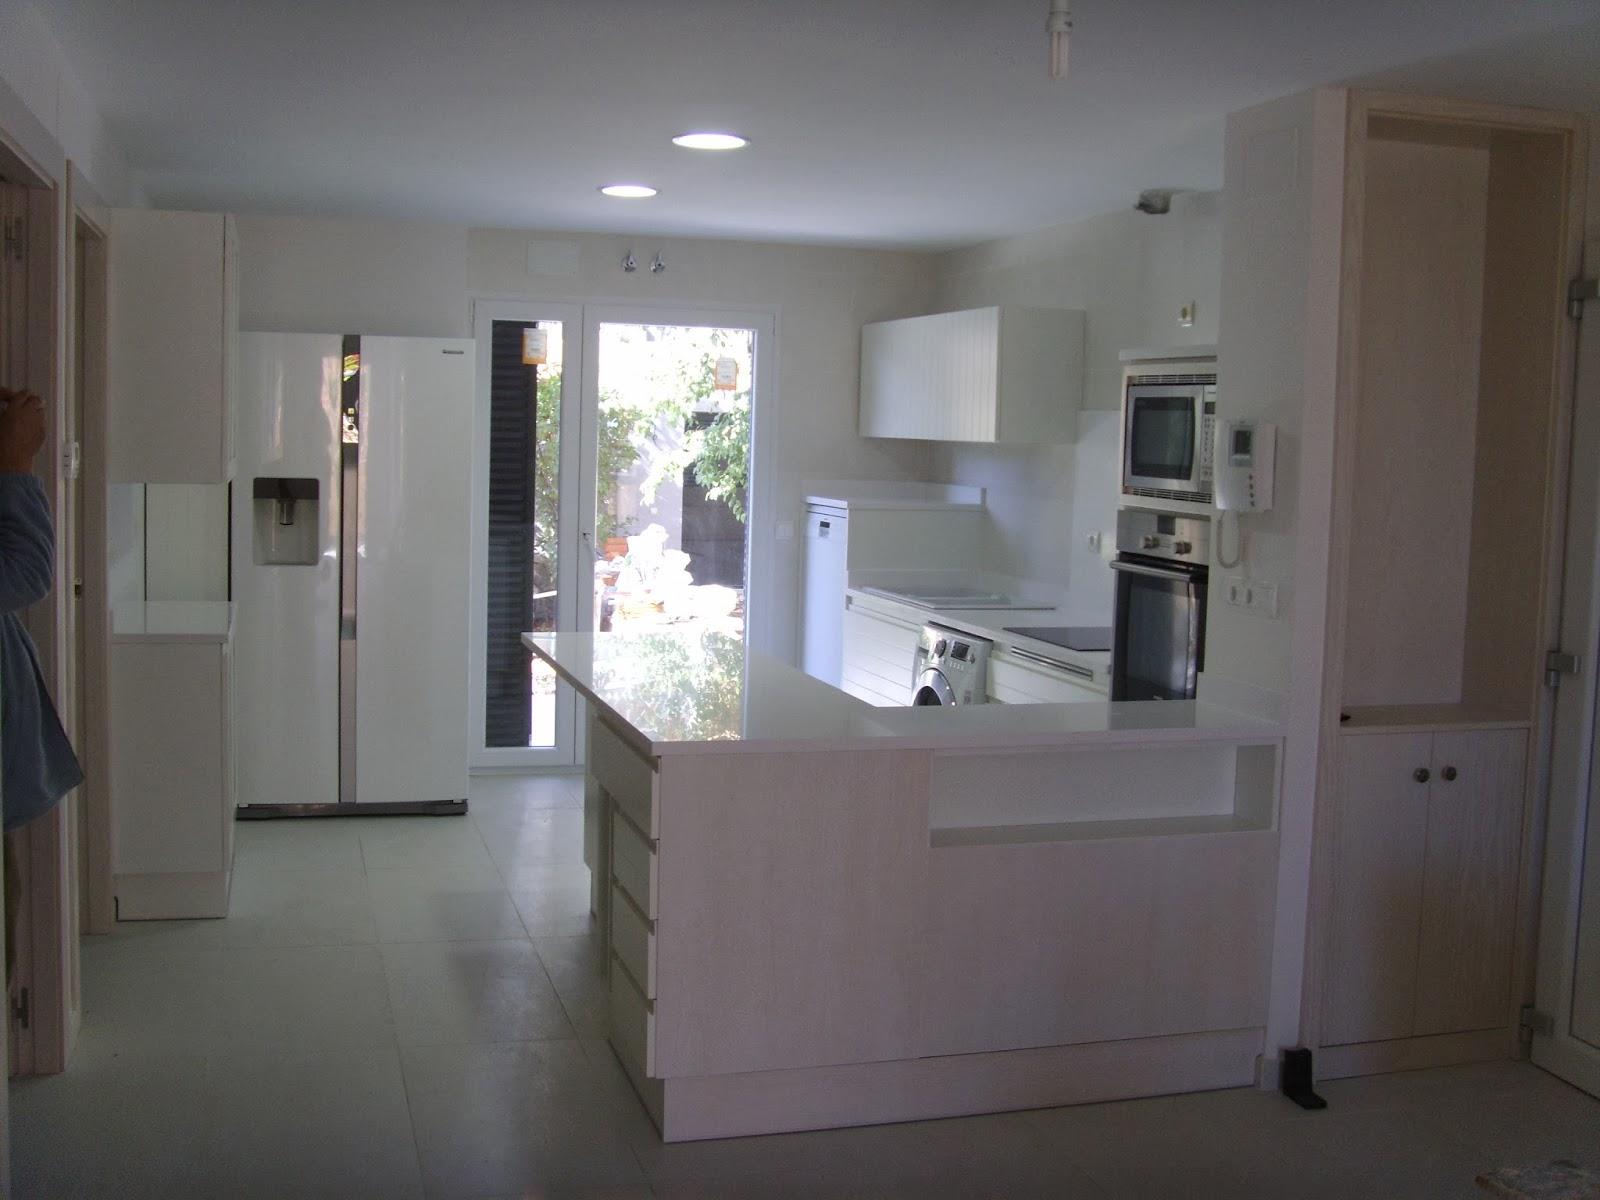 Muebles a medida madrid cocina americana muebles a medida for Precios muebles de cocina a medida